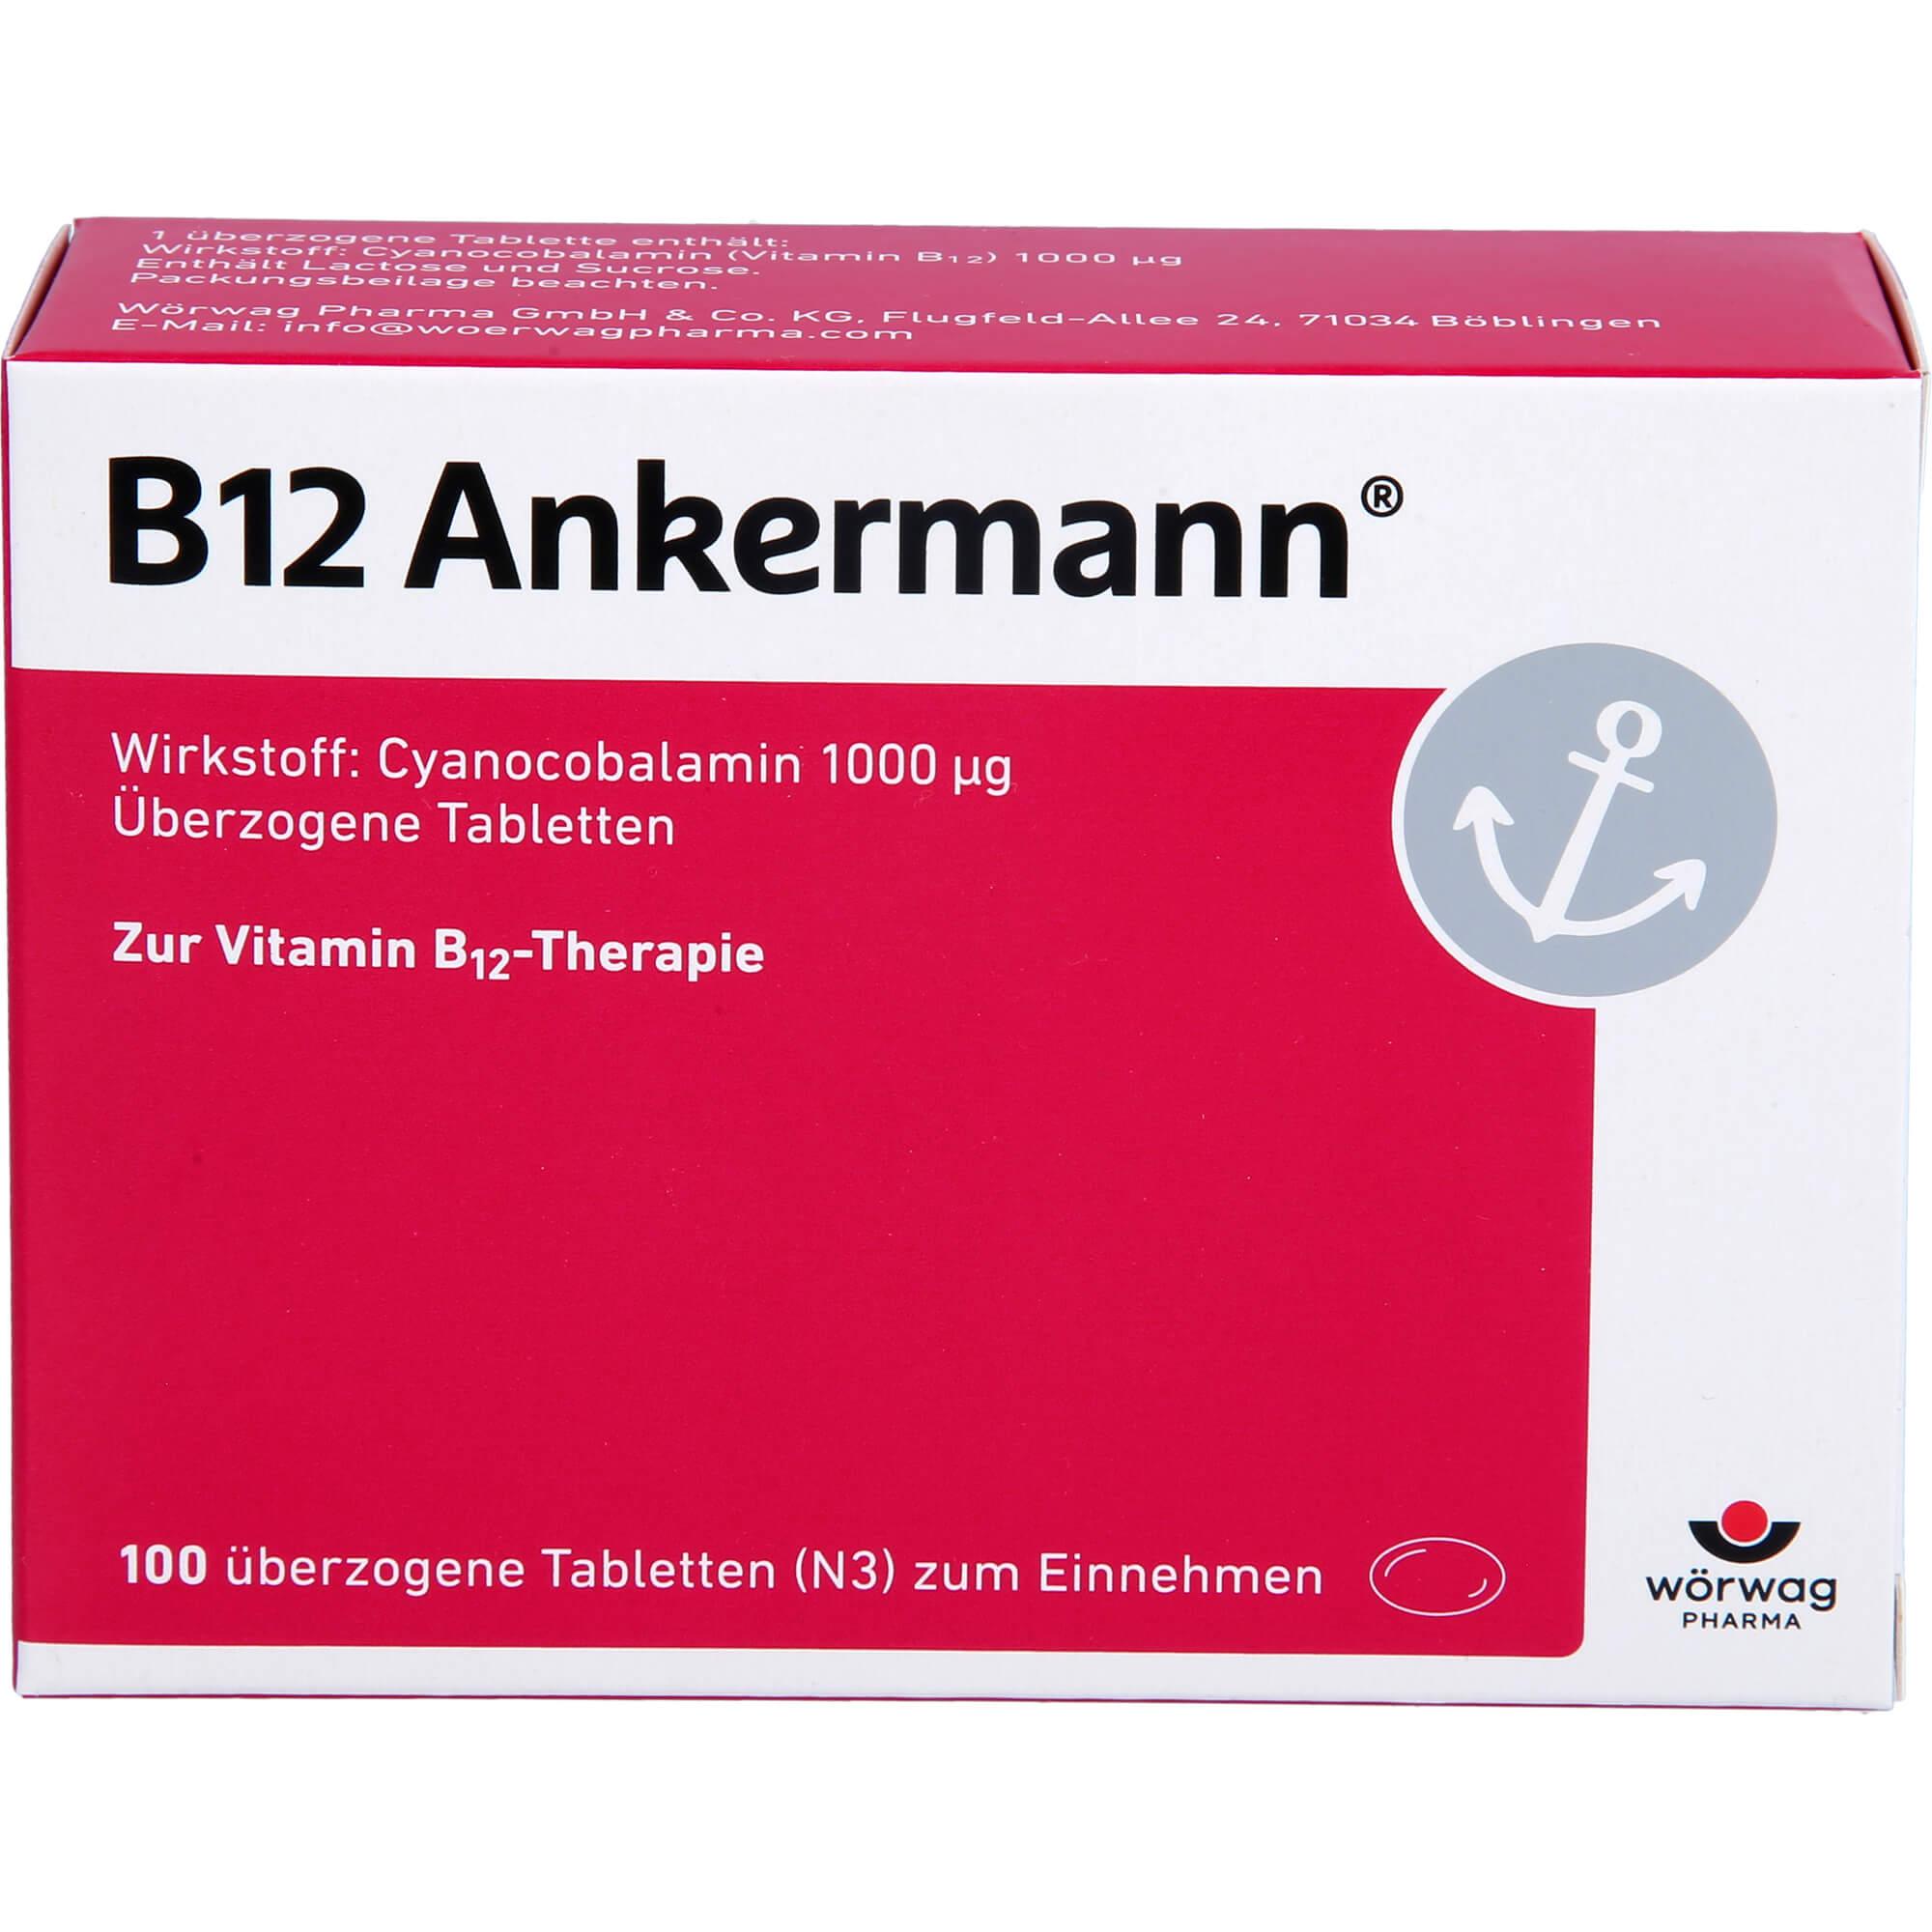 B12-ANKERMANN-ueberzogene-Tabletten